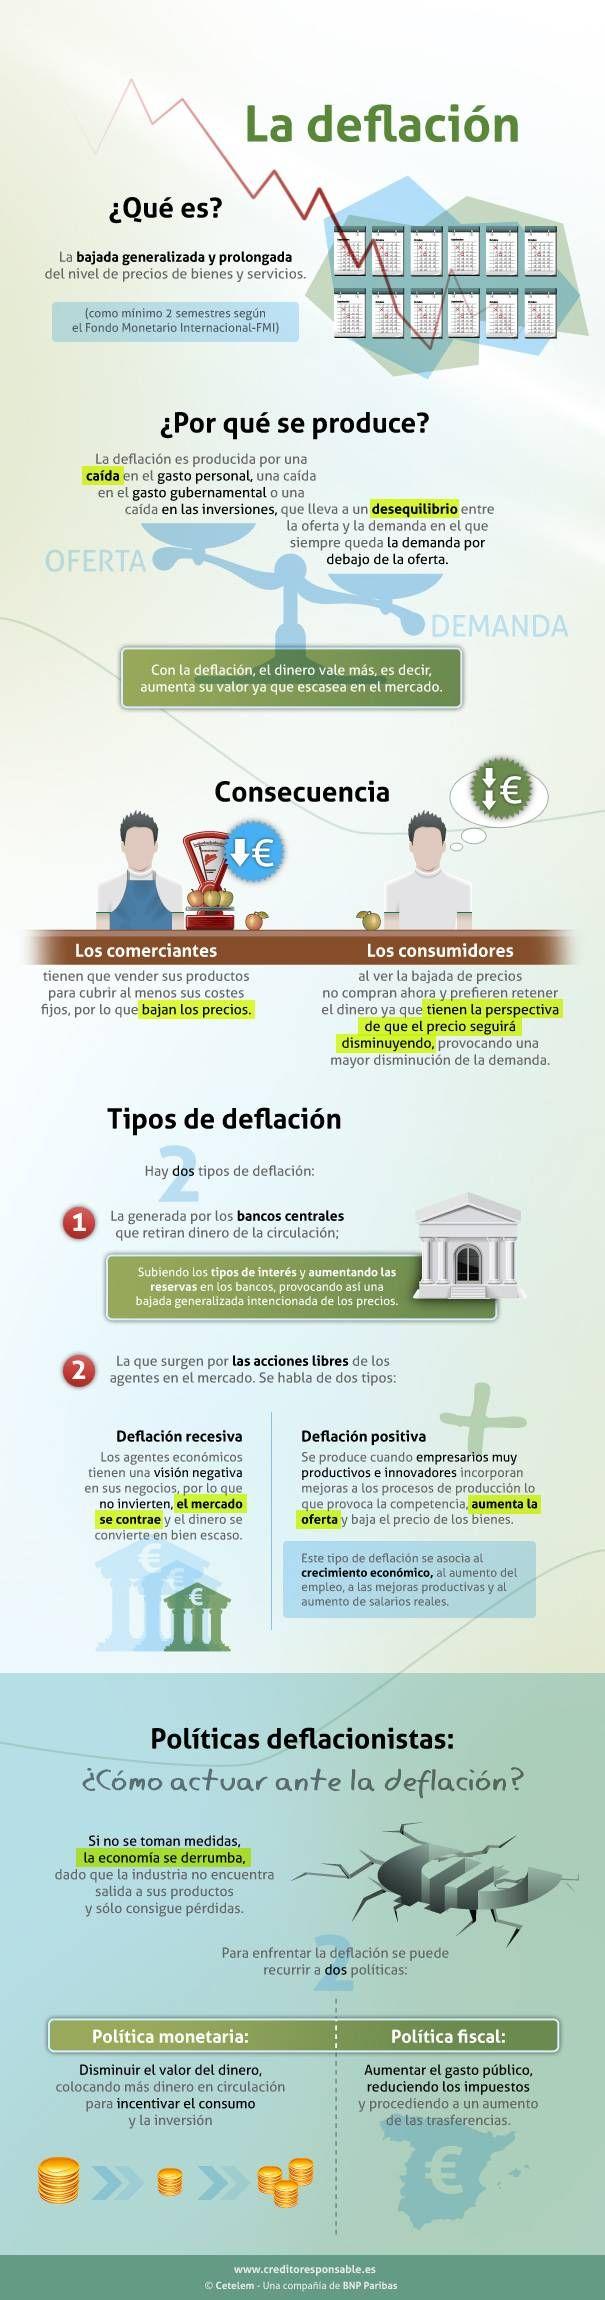 #Infografía: ¿Qué es la deflación? (pineado por @Unience)